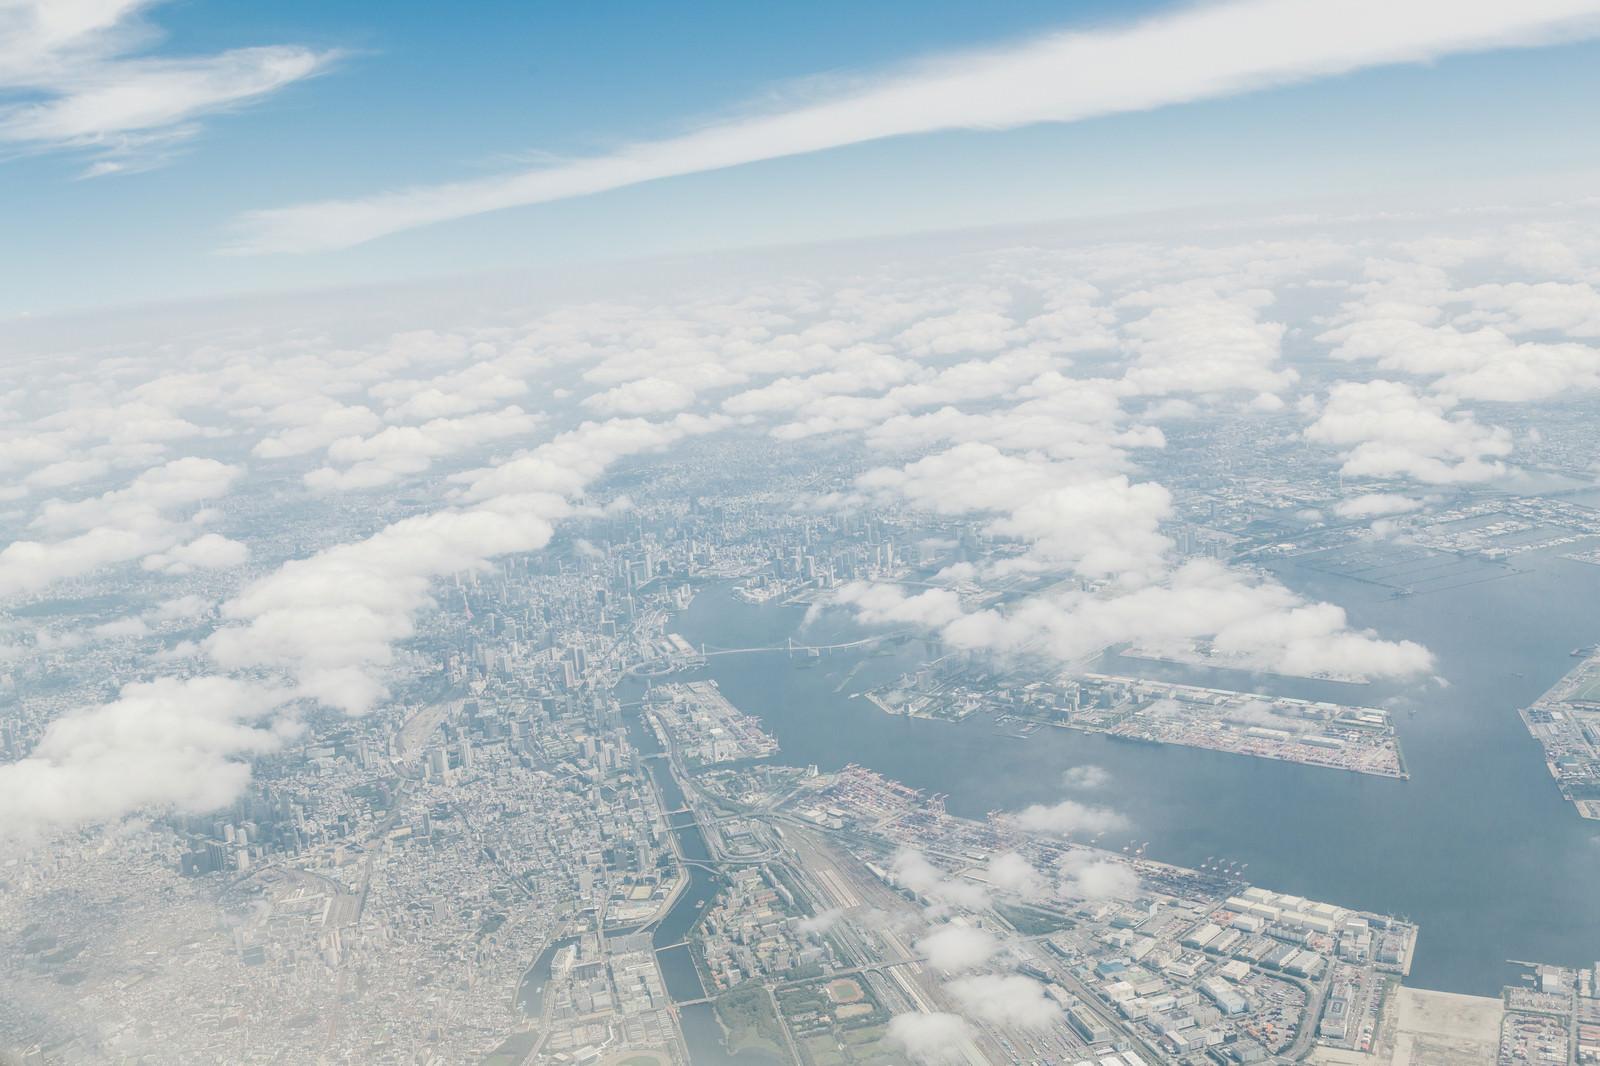 東京上空からの様子の写真(画像)|フリー素材「ぱくたそ」